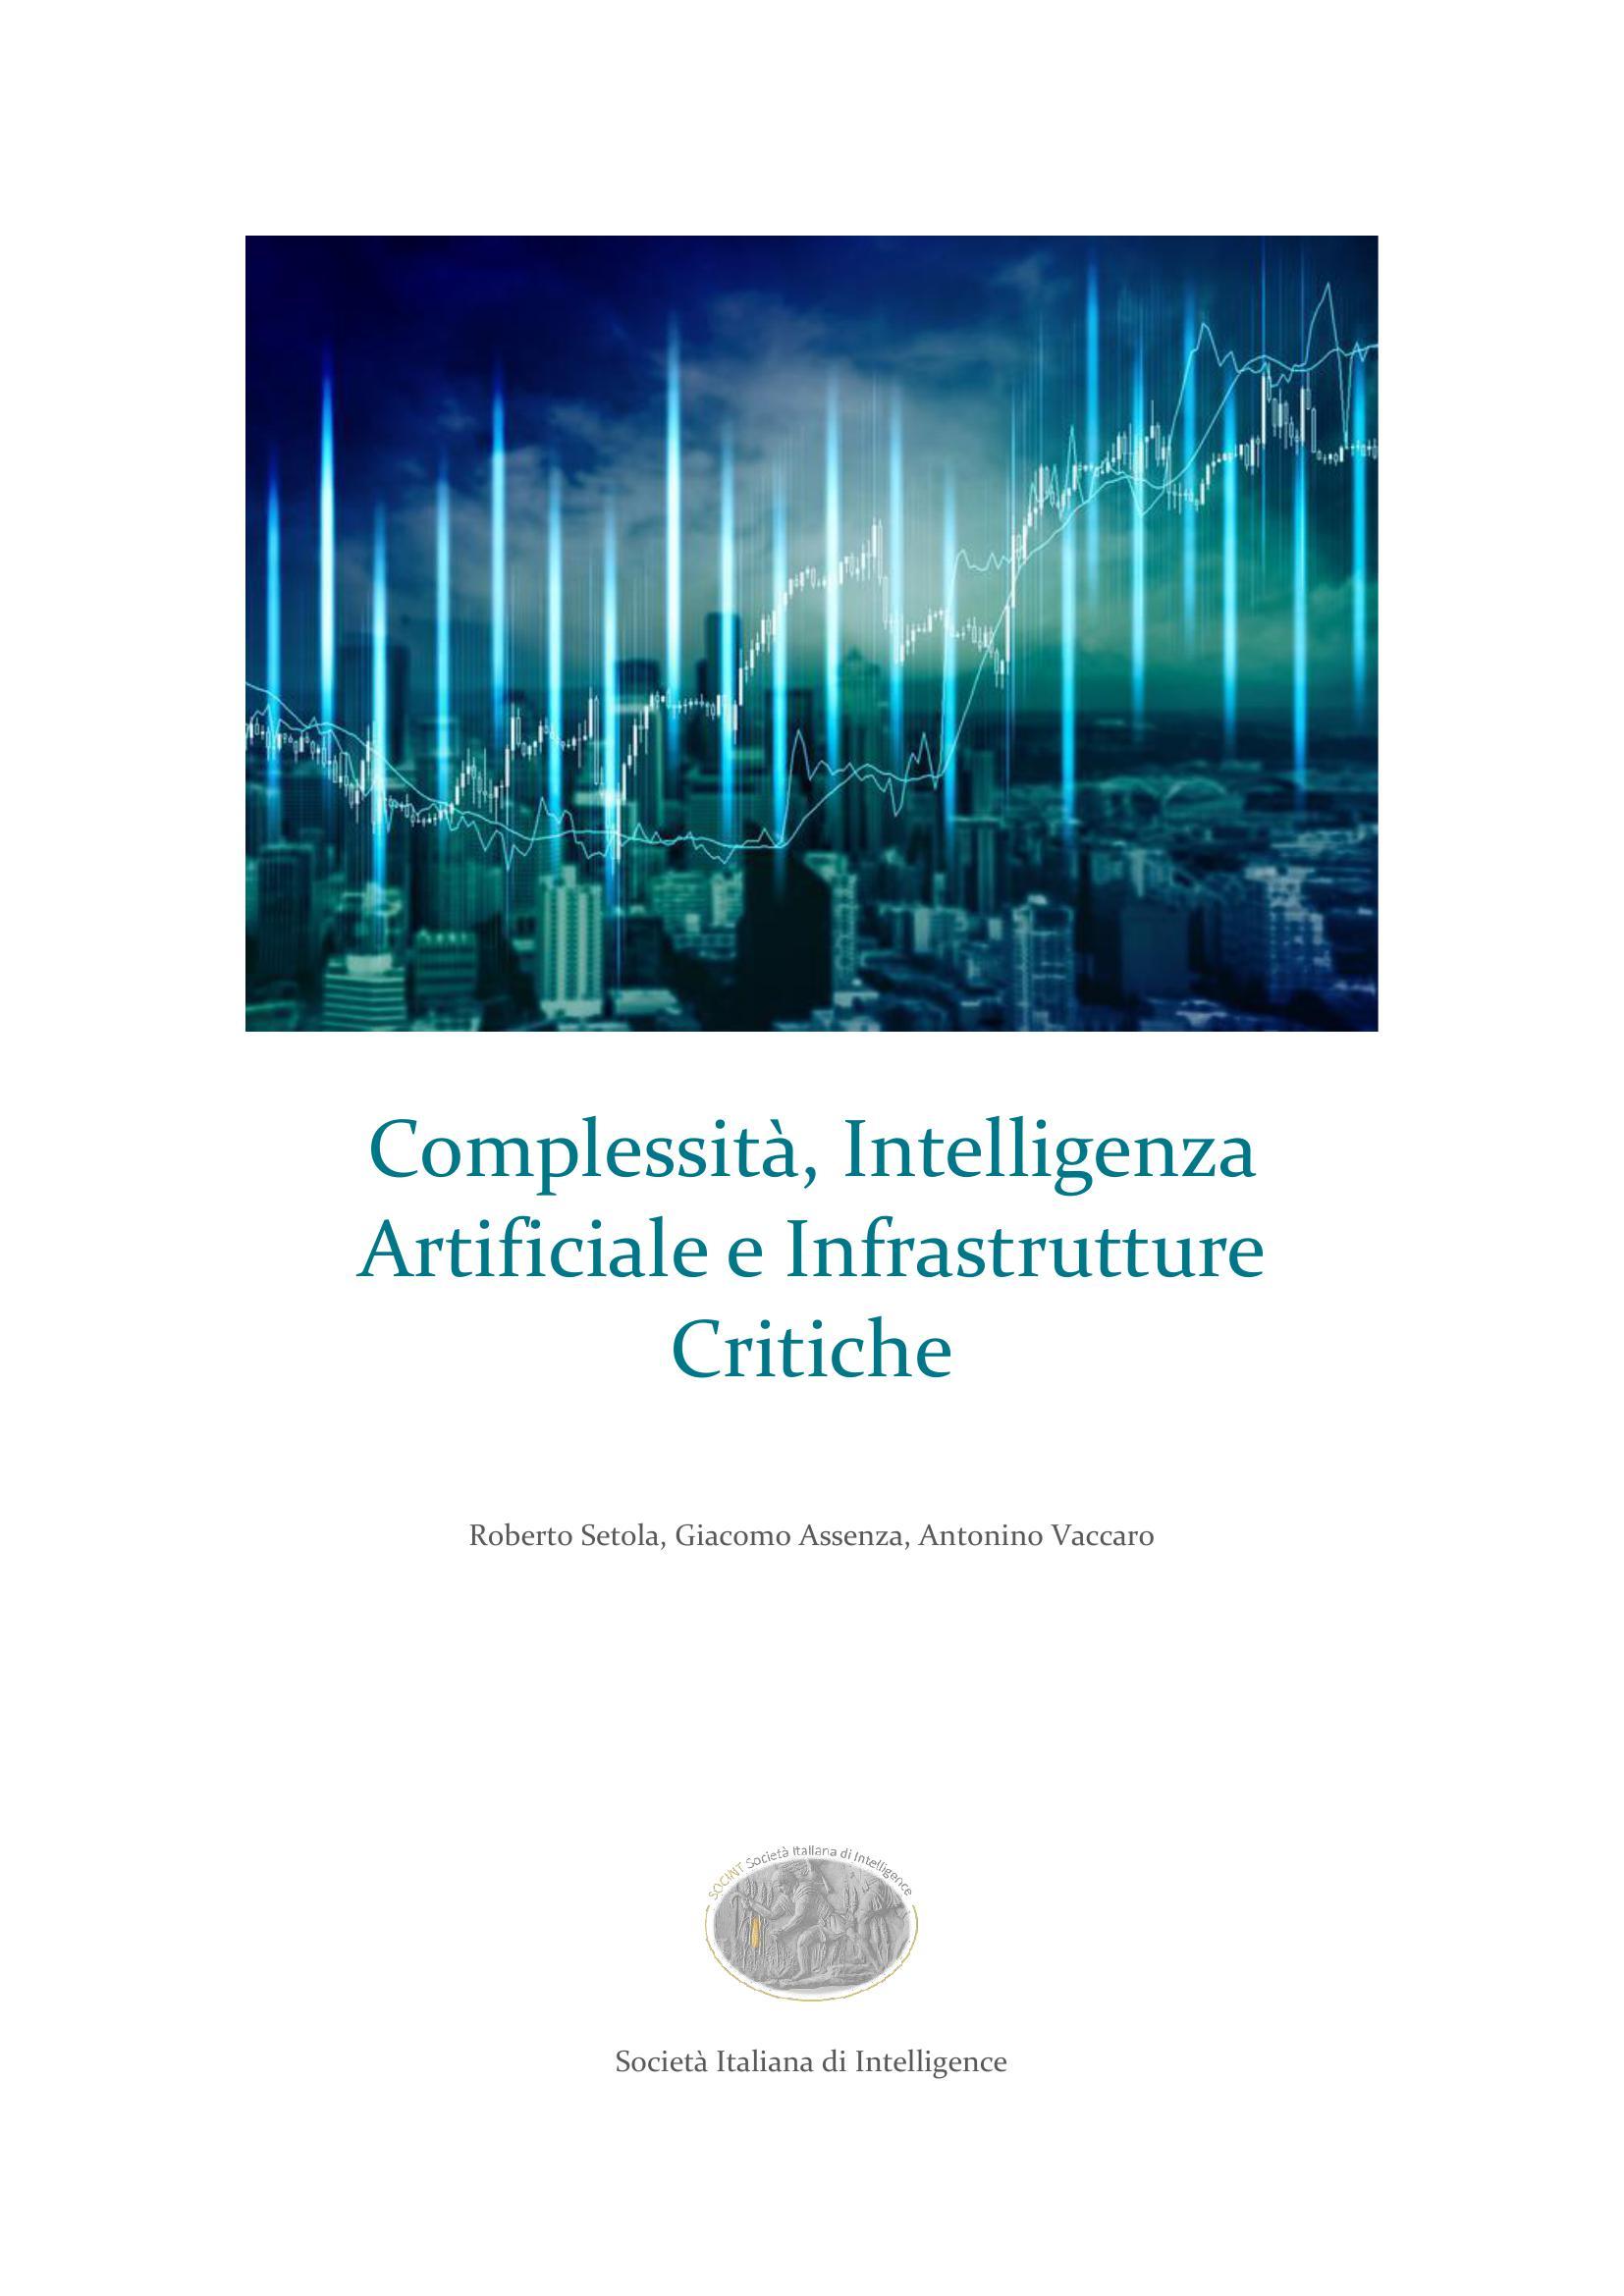 Complessità, Intelligenza Artificiale e Infrastrutture Critiche